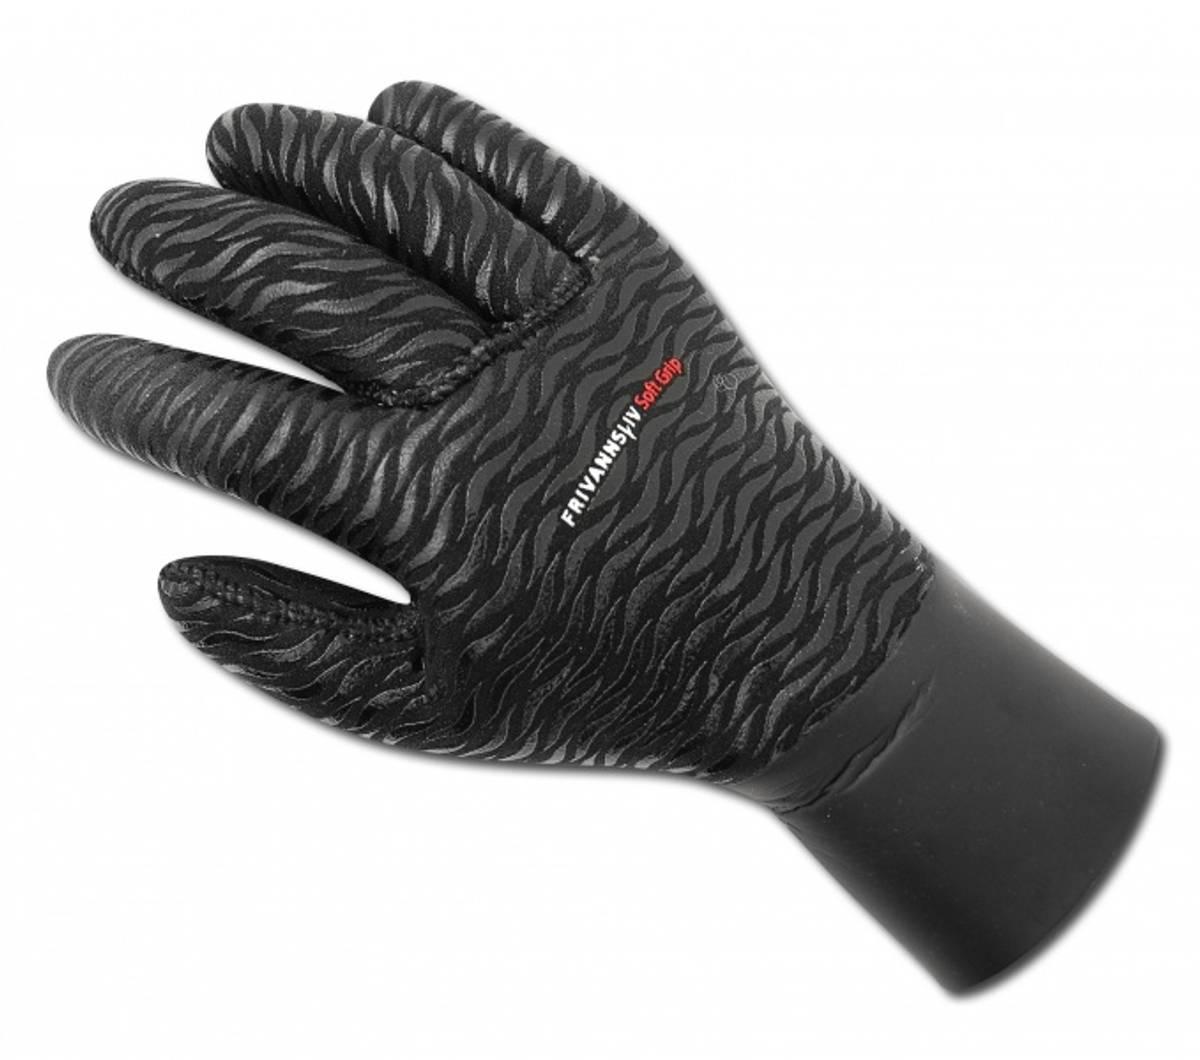 Frivannsliv® Soft Grip 5mm